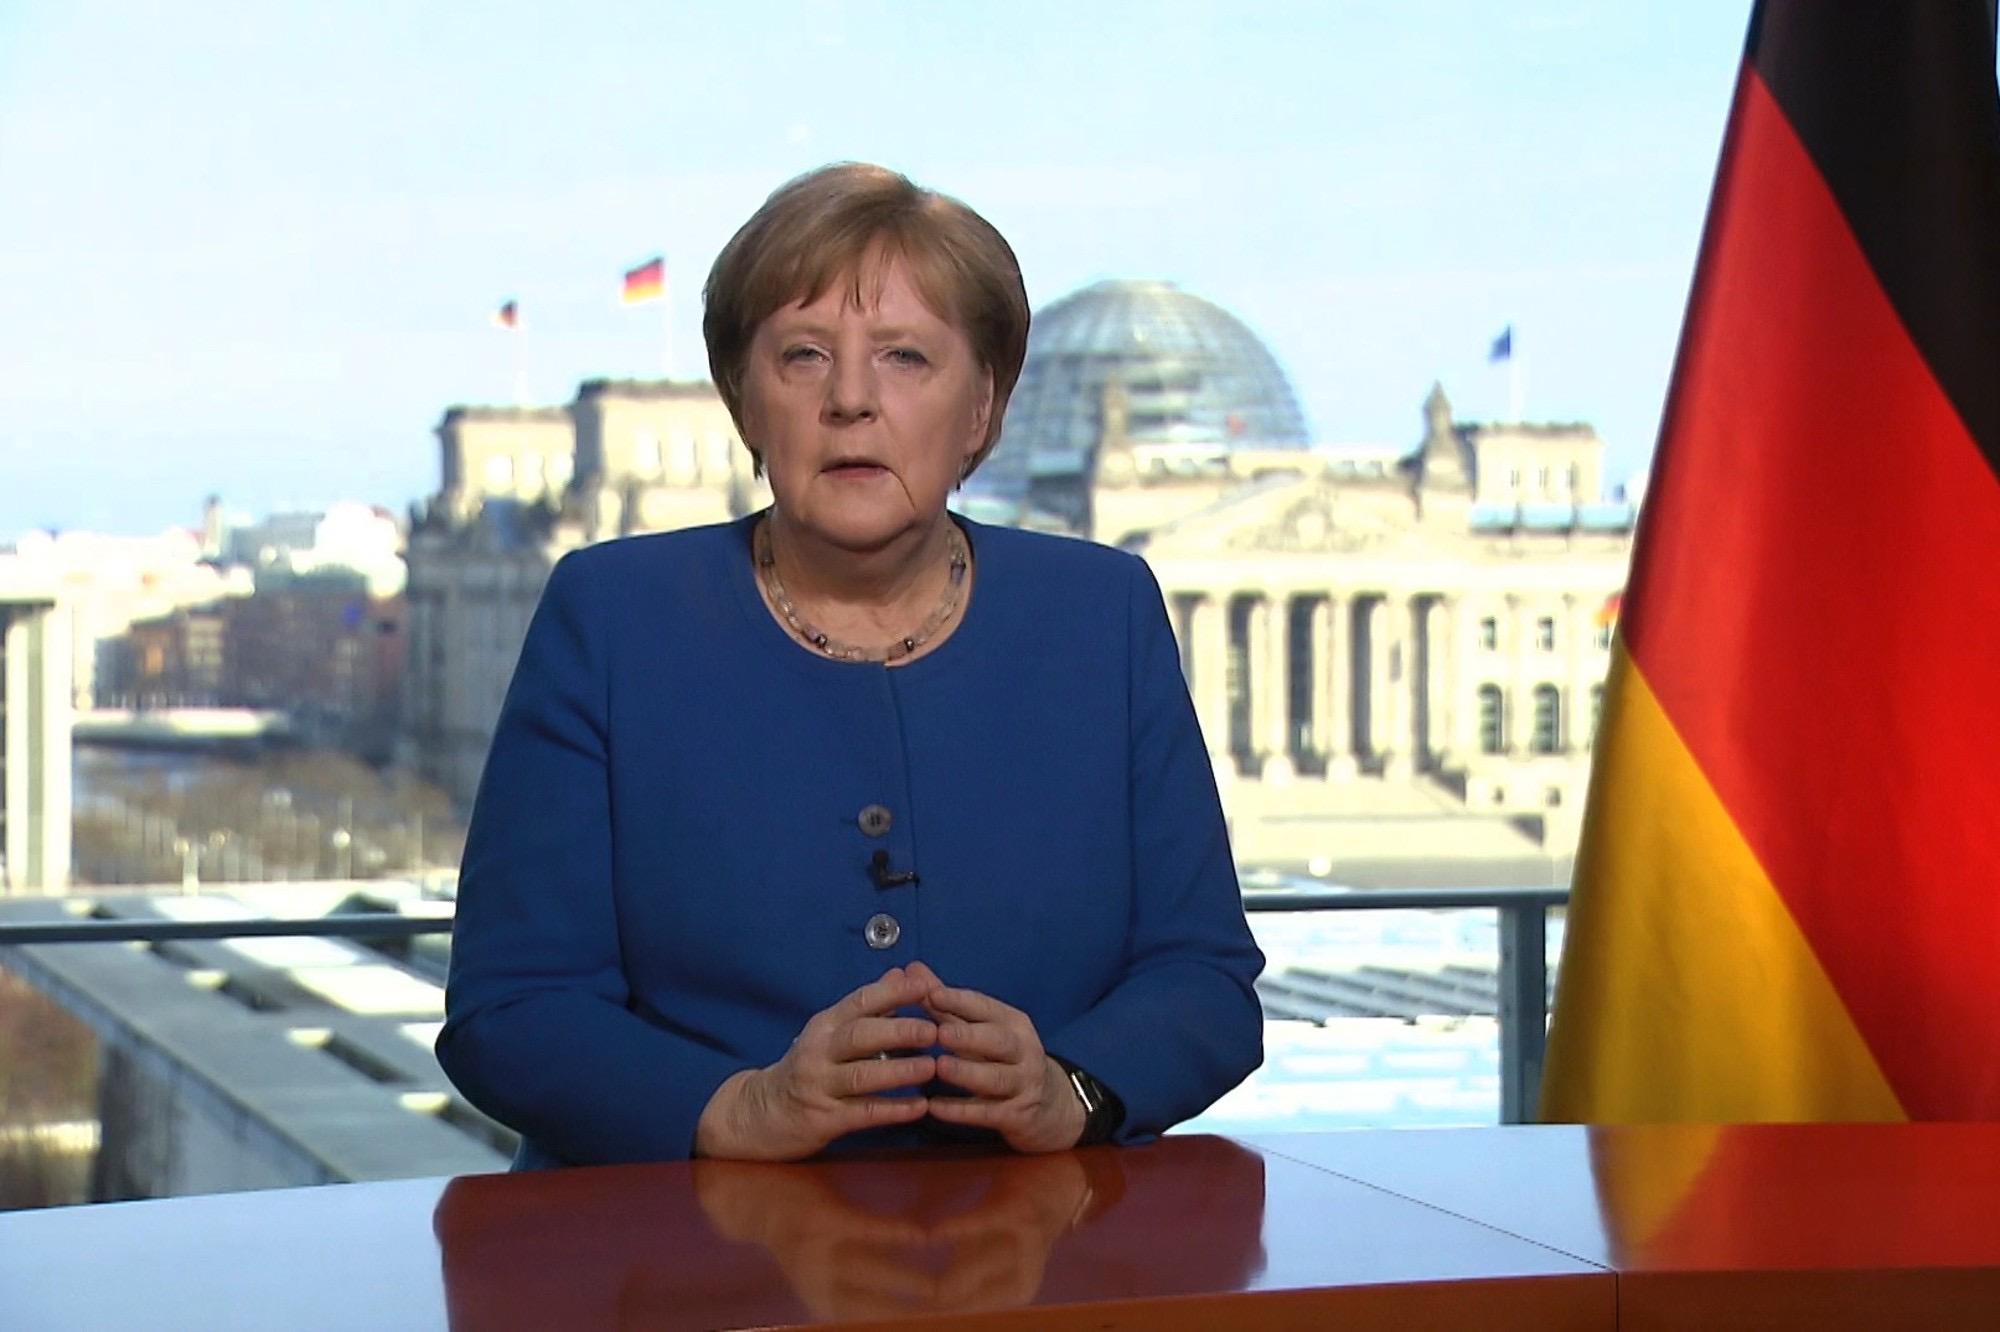 Allemagne : Après sa décision de renforcer les restrictions à Pâques, Angela Merkel s'excuse et rétropédale...